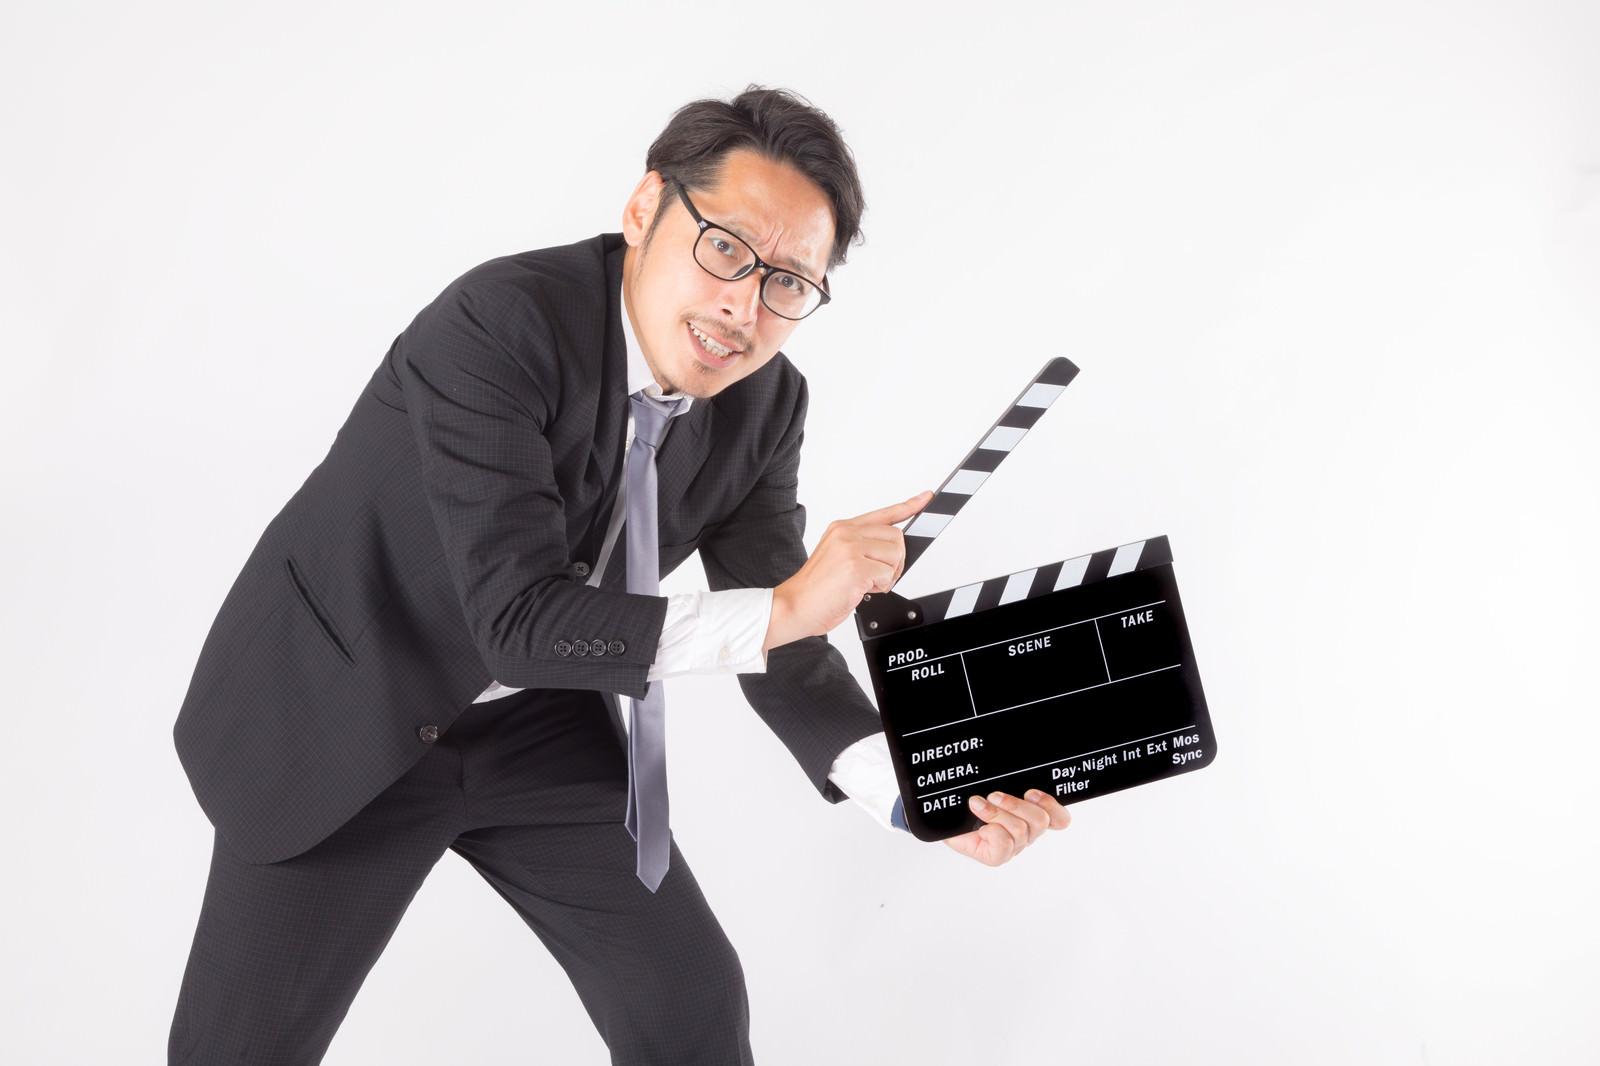 「カチンコ役の会社員カチンコ役の会社員」[モデル:ゆうせい]のフリー写真素材を拡大